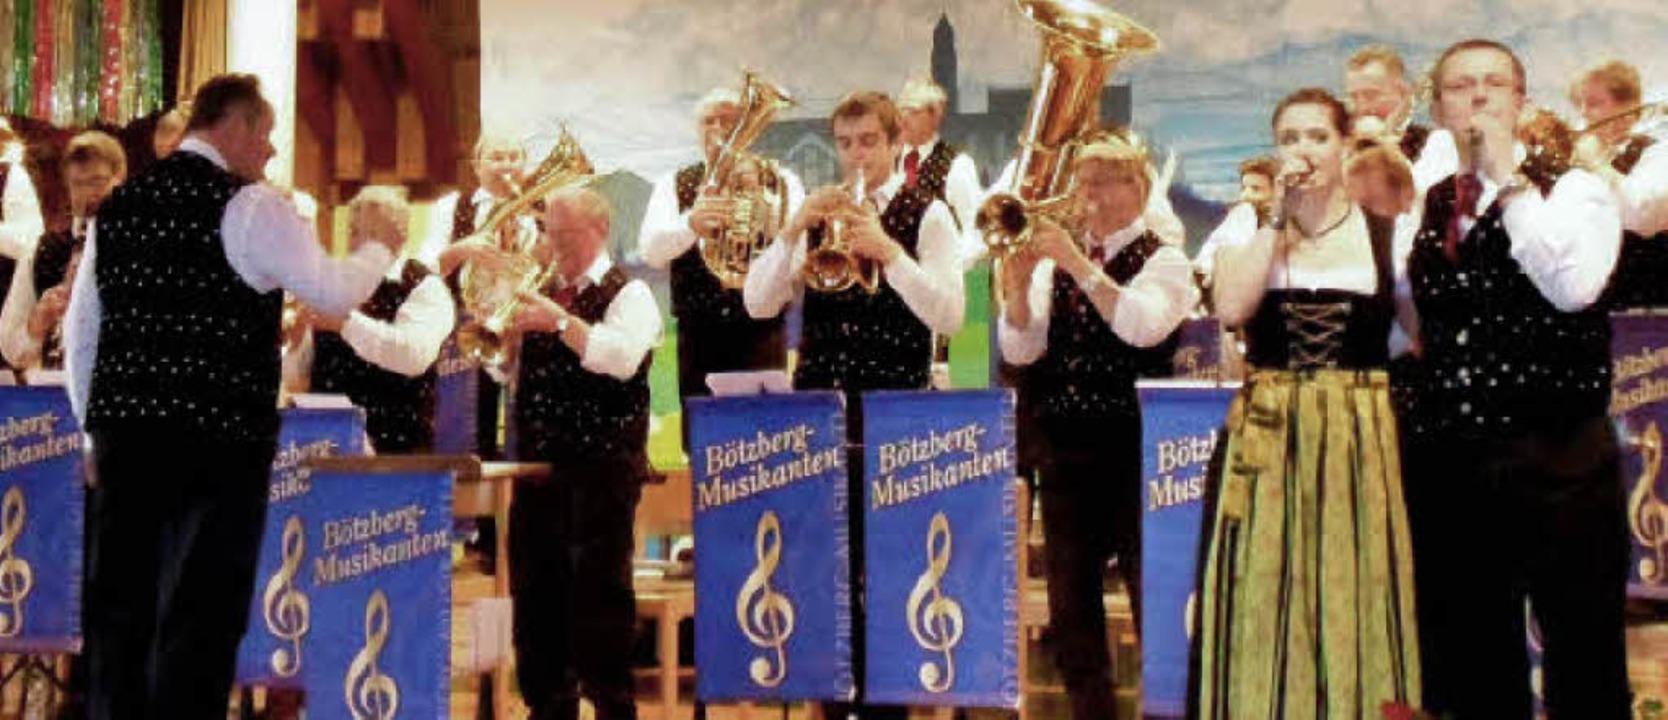 Die Bötzberg-Musikanten aus St. Blasie...echts) brachten Stimmung in den Saal.   | Foto: Sigurd Kaiser